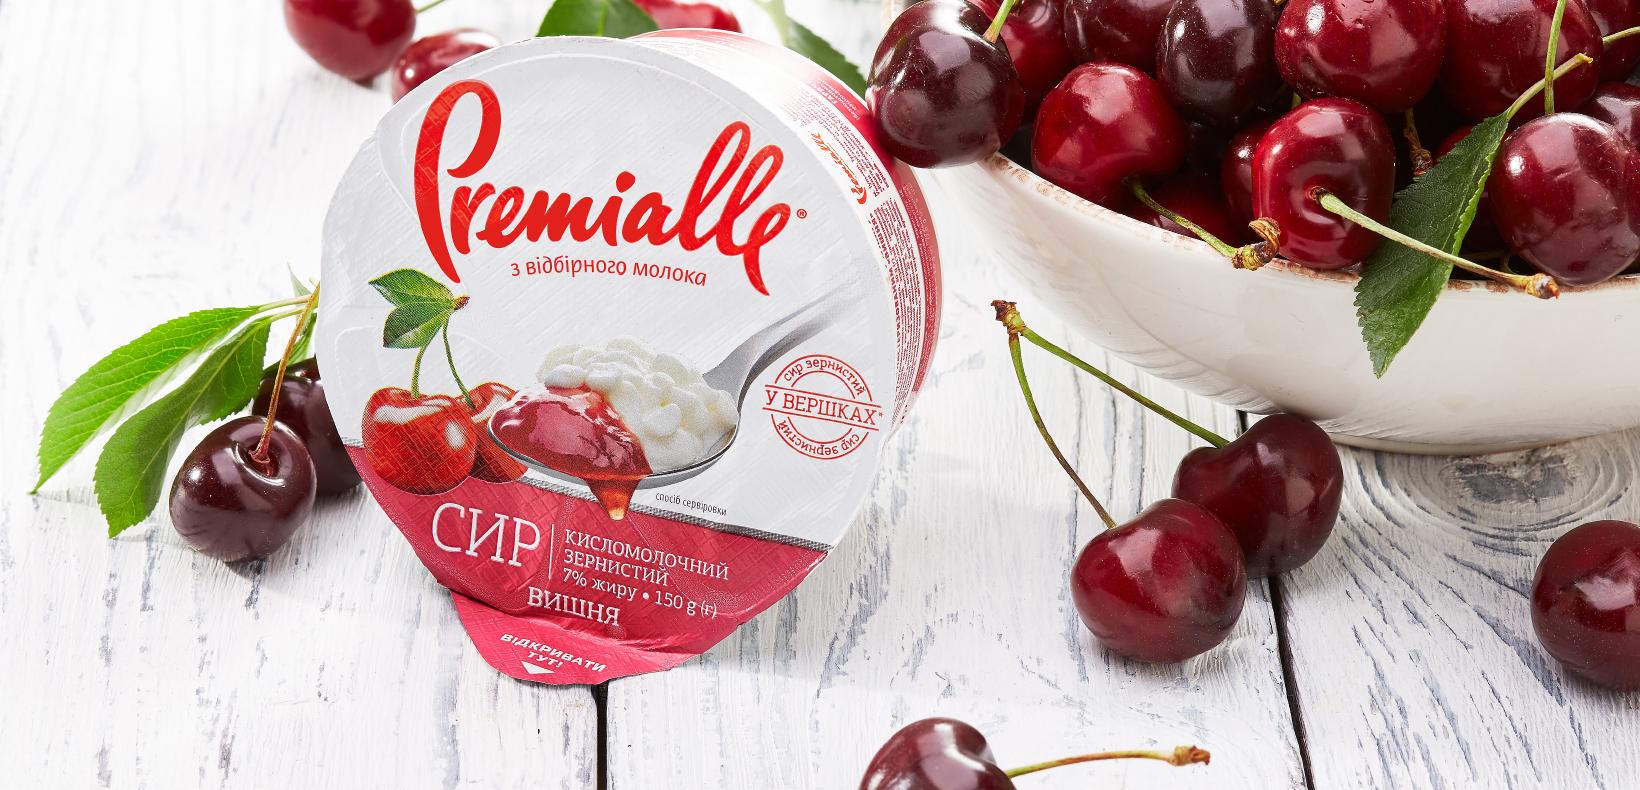 Premialle зернистый сыр с джемом вишневый